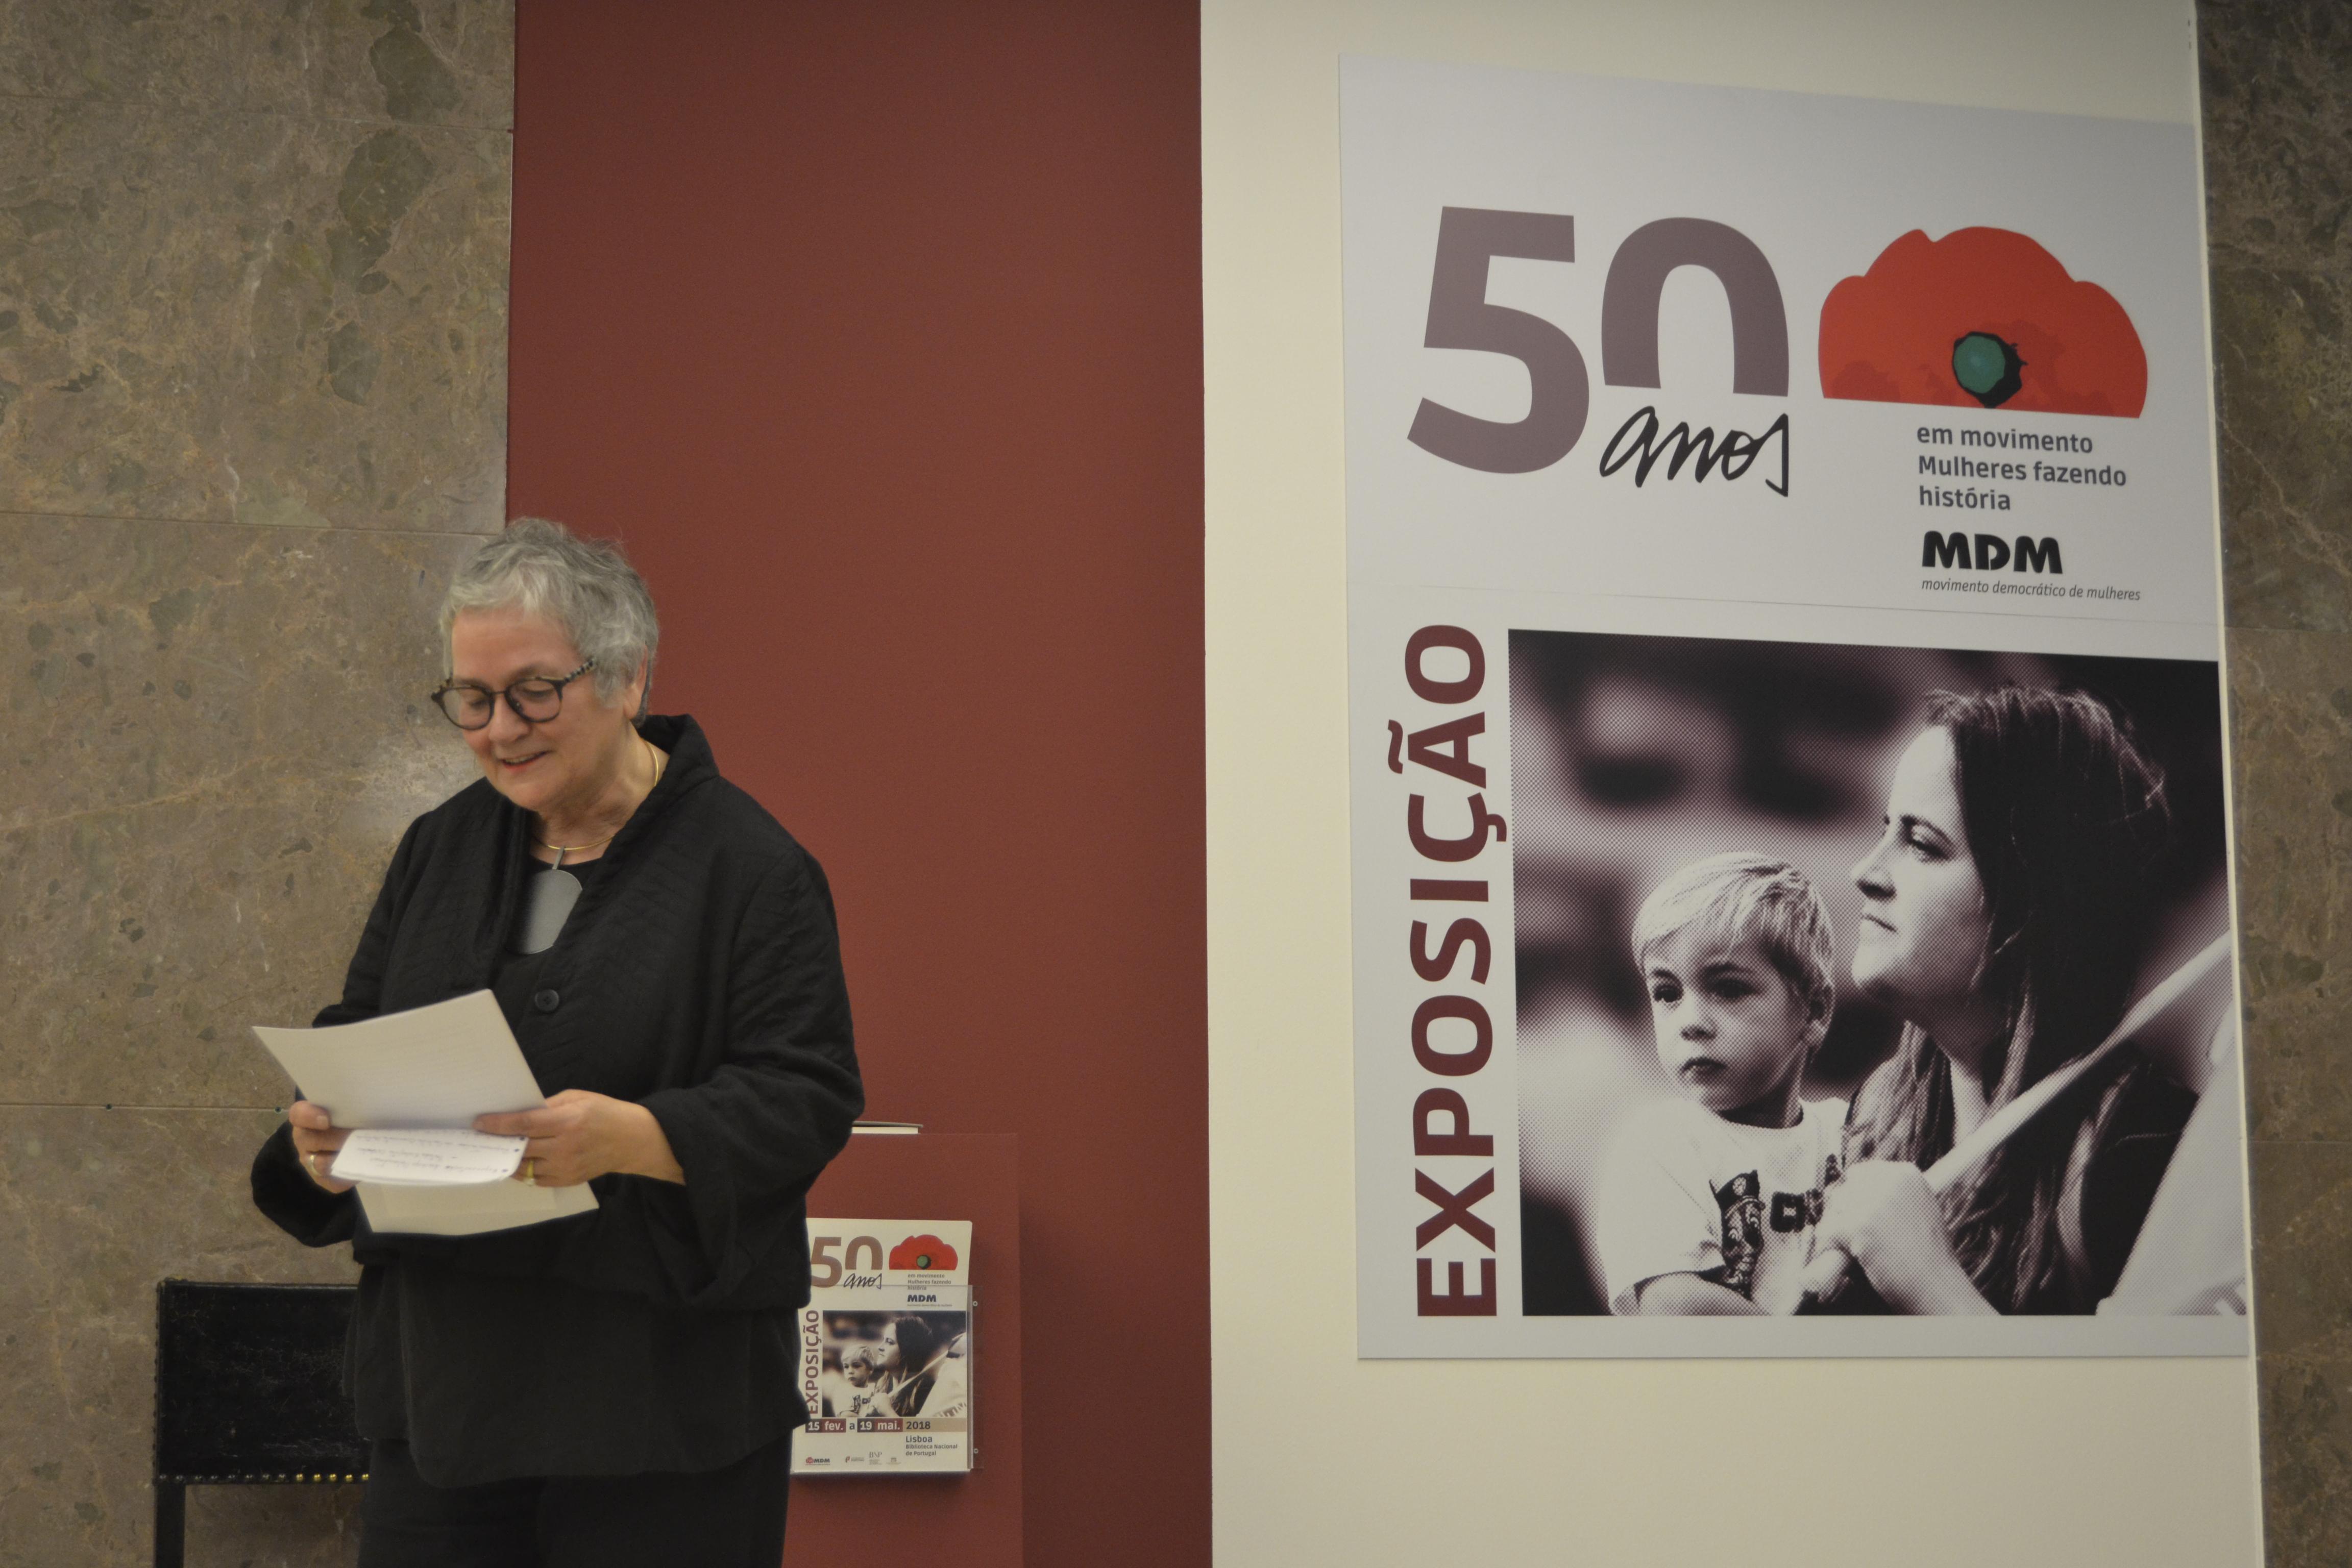 MDM celebra 50º aniversário com inauguração de exposição